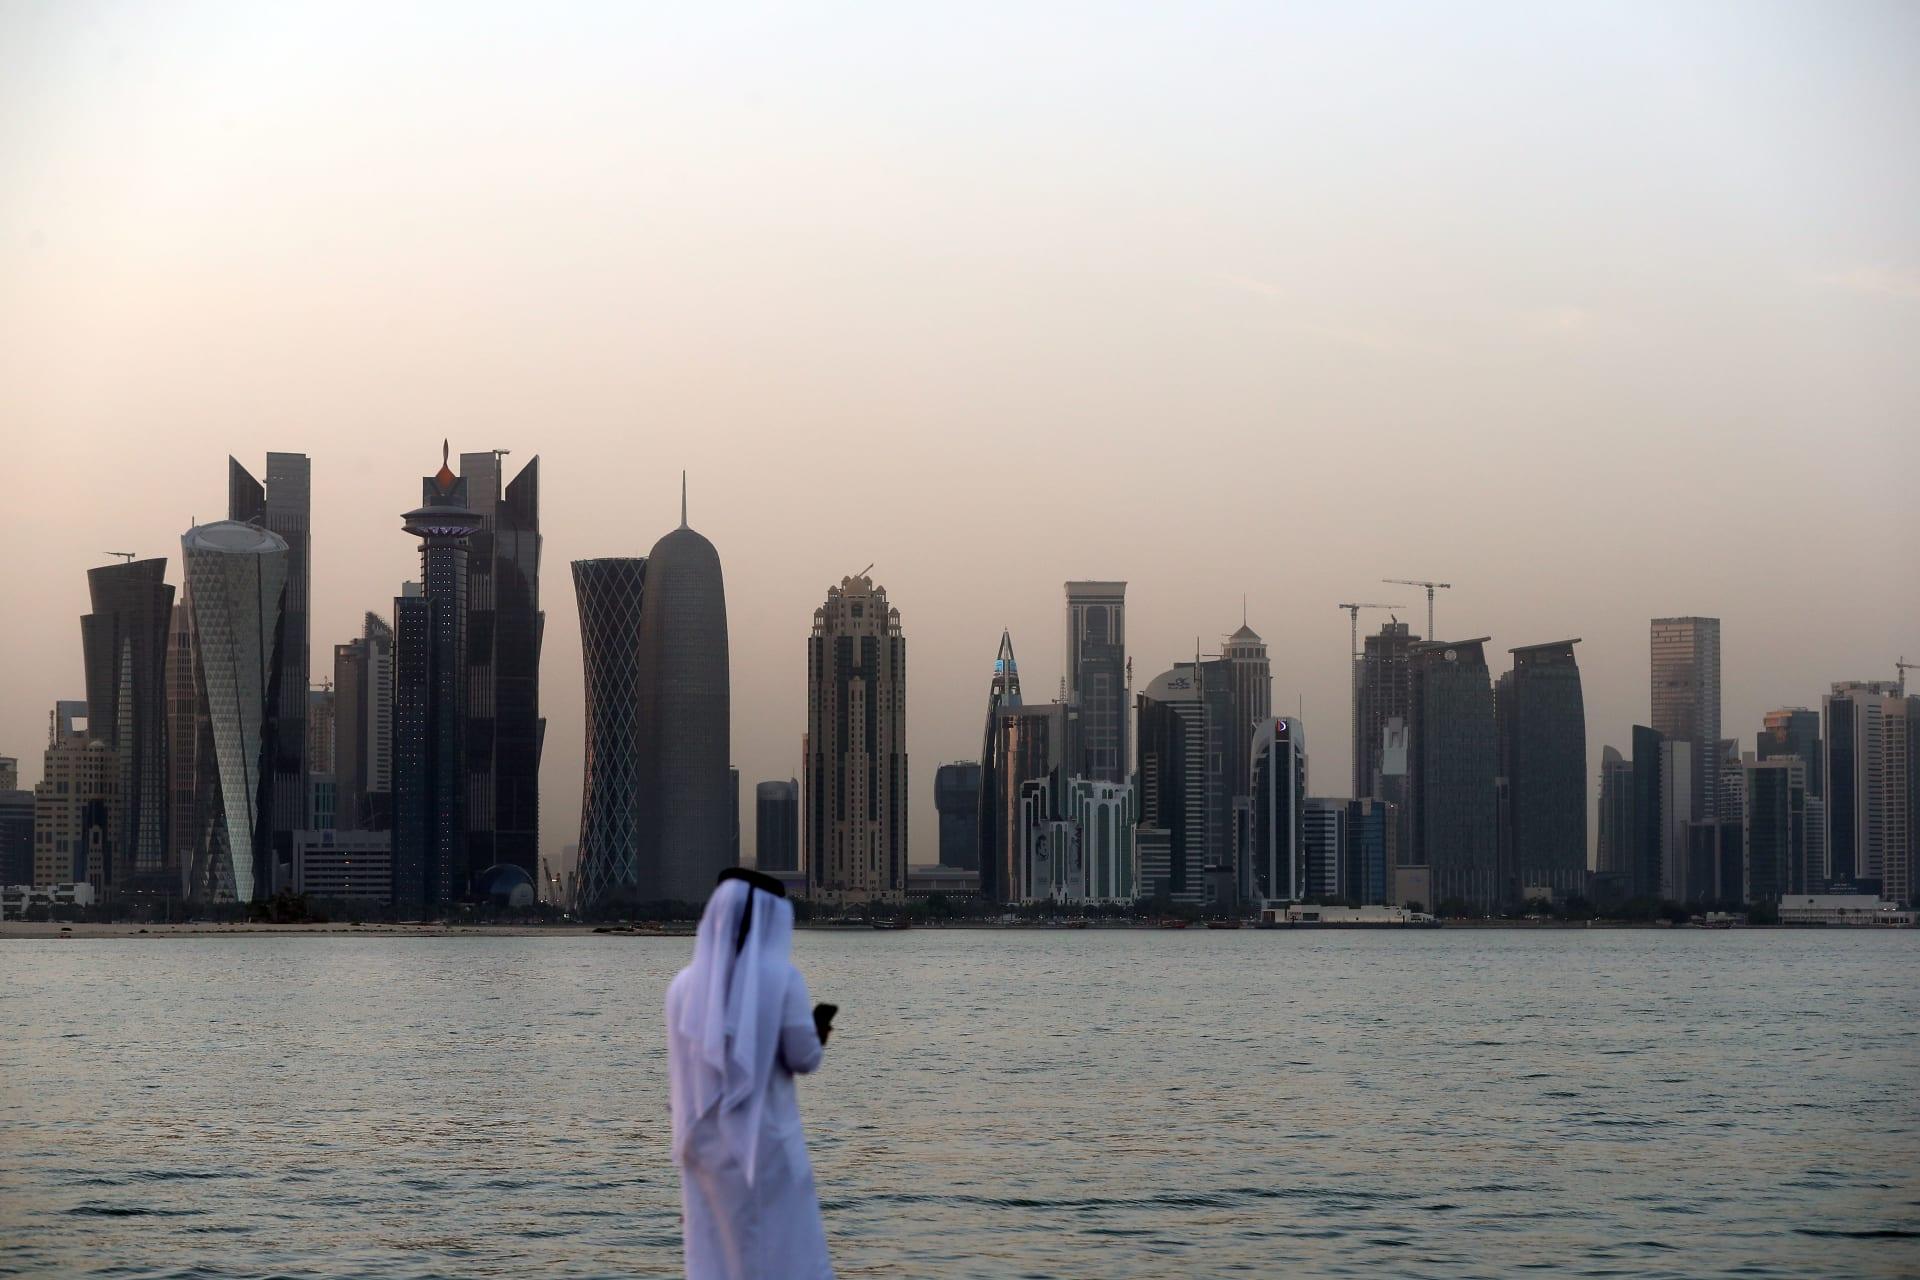 """قطر: دول """"الحصار"""" تضيع أموالها ووقتها بتلفيق أخبار مزيفة"""